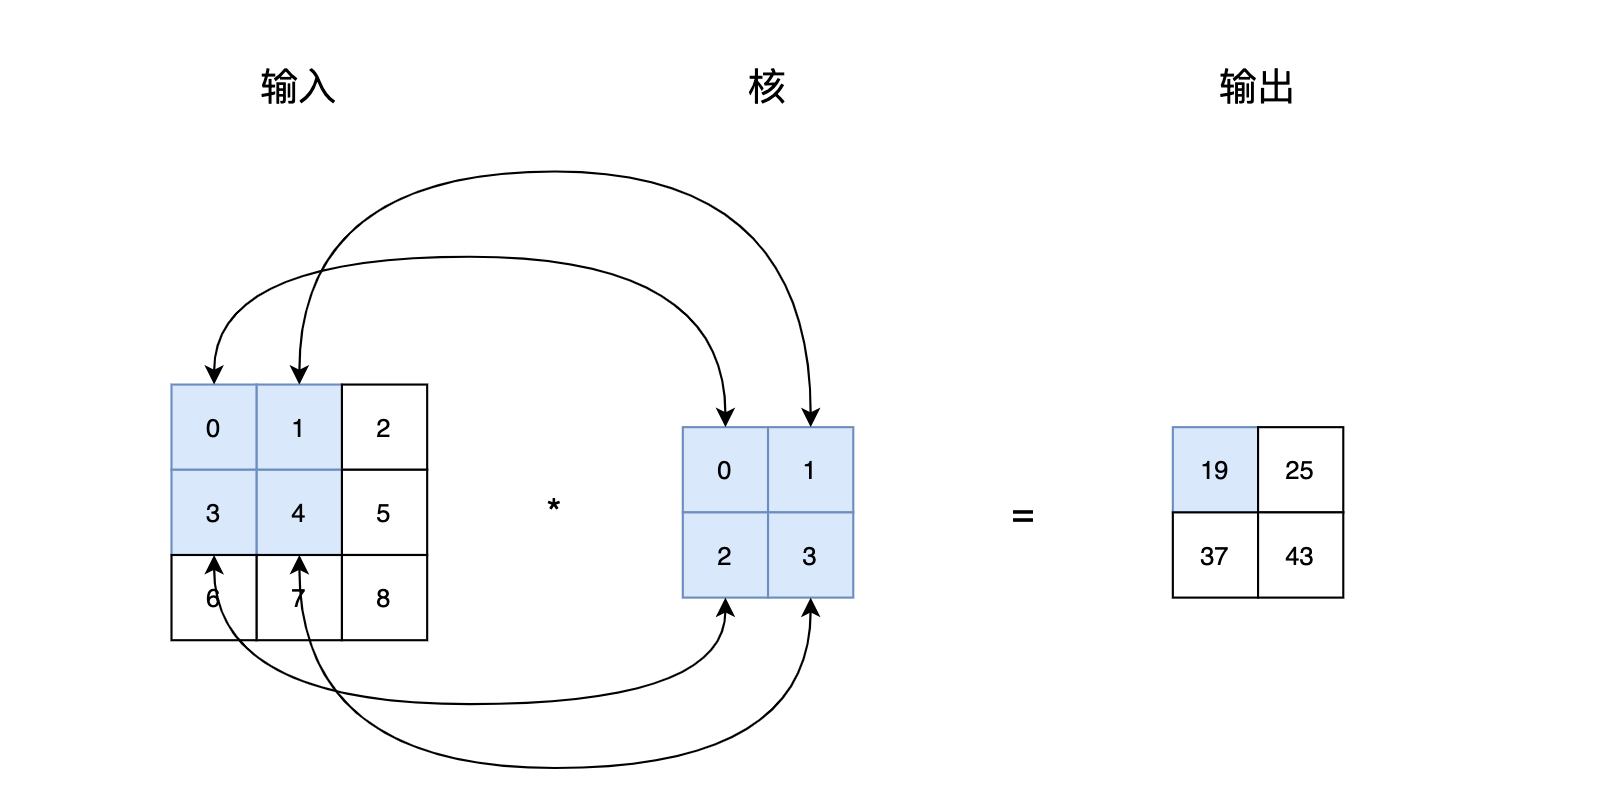 图1 互相关运算输出第一个元素计算过程